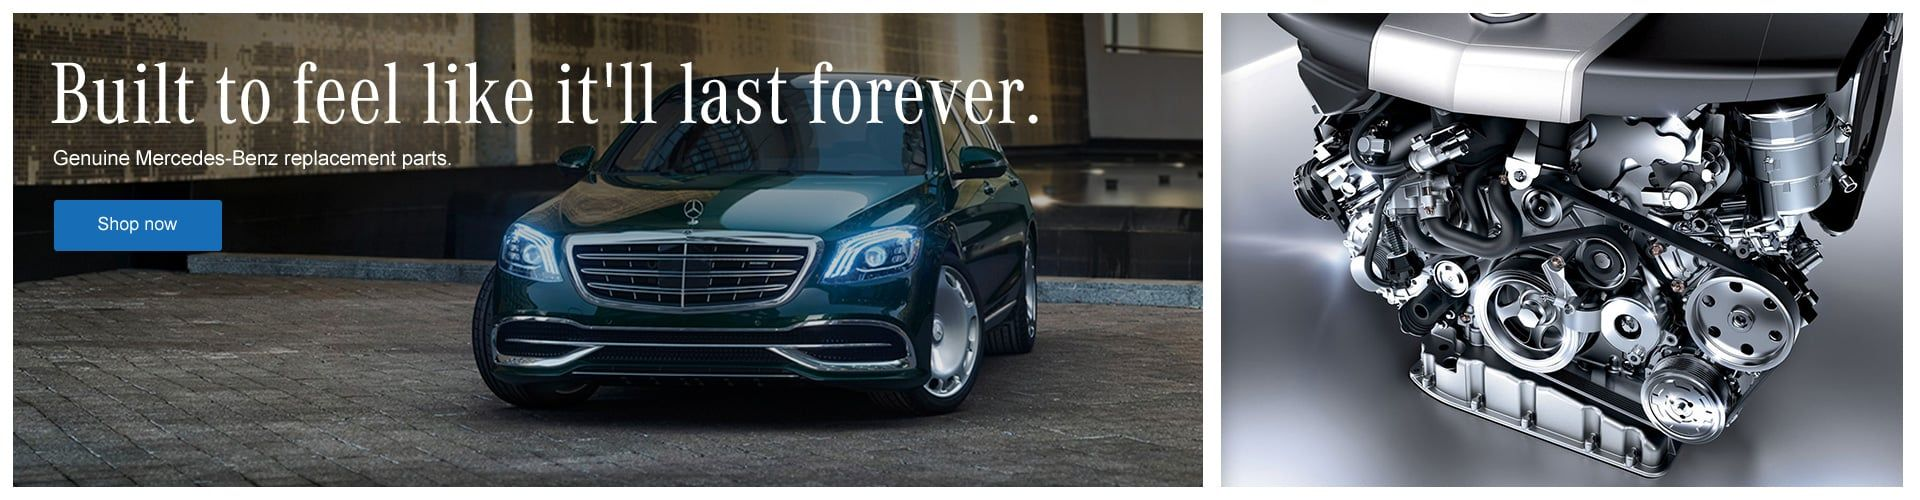 Mercedes-Benz OEM Parts